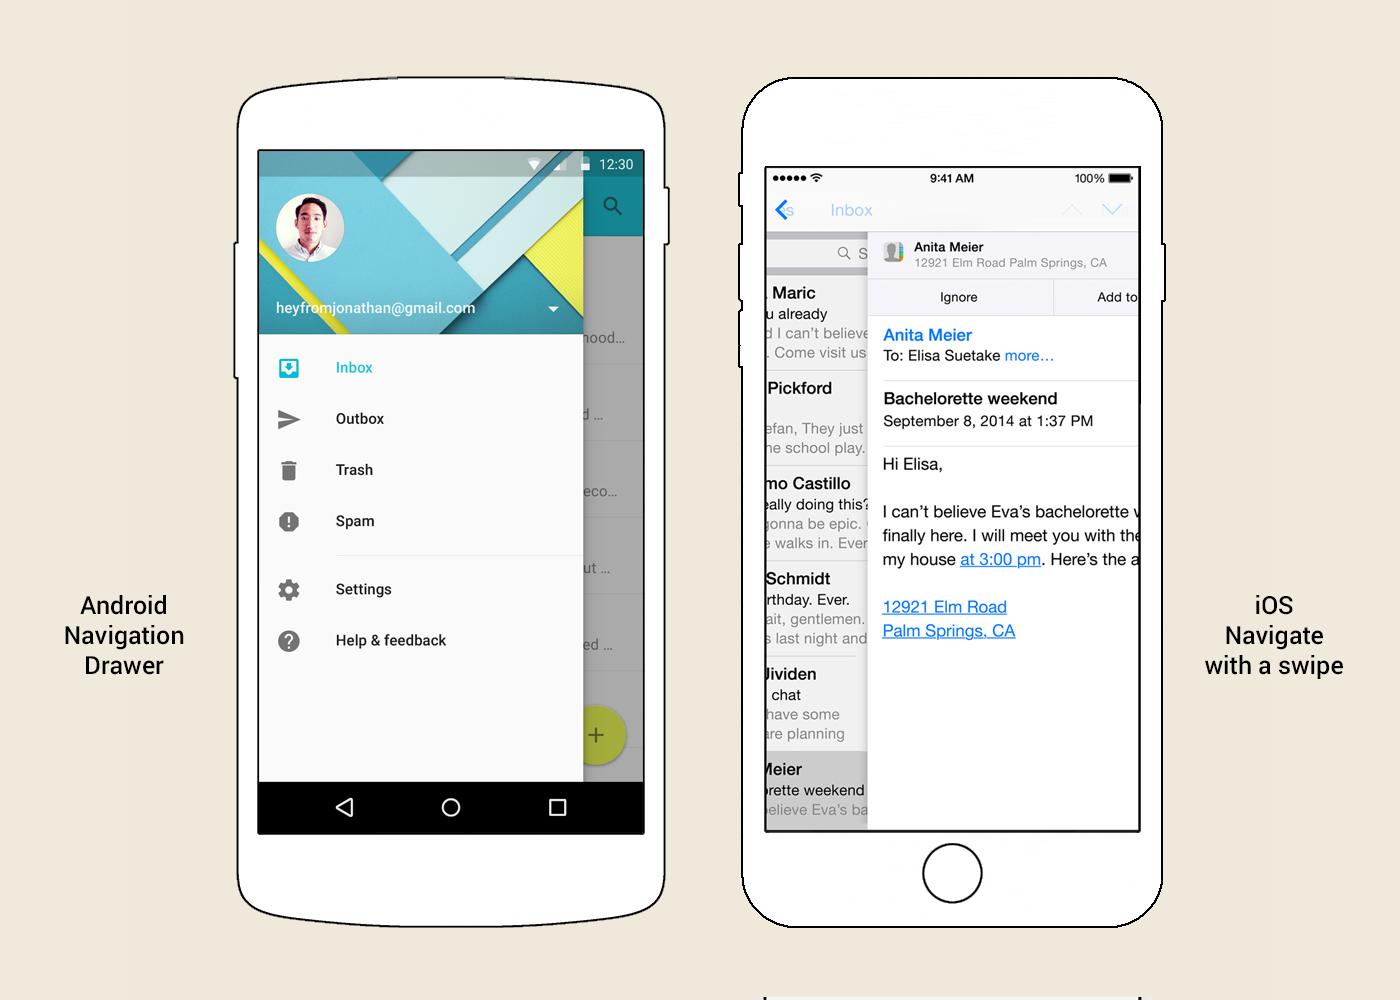 Боковое (главное) меню (Navigation Drawer) в Android и функция Navigare with a swipe («Навигация смахиванием») в iOS.